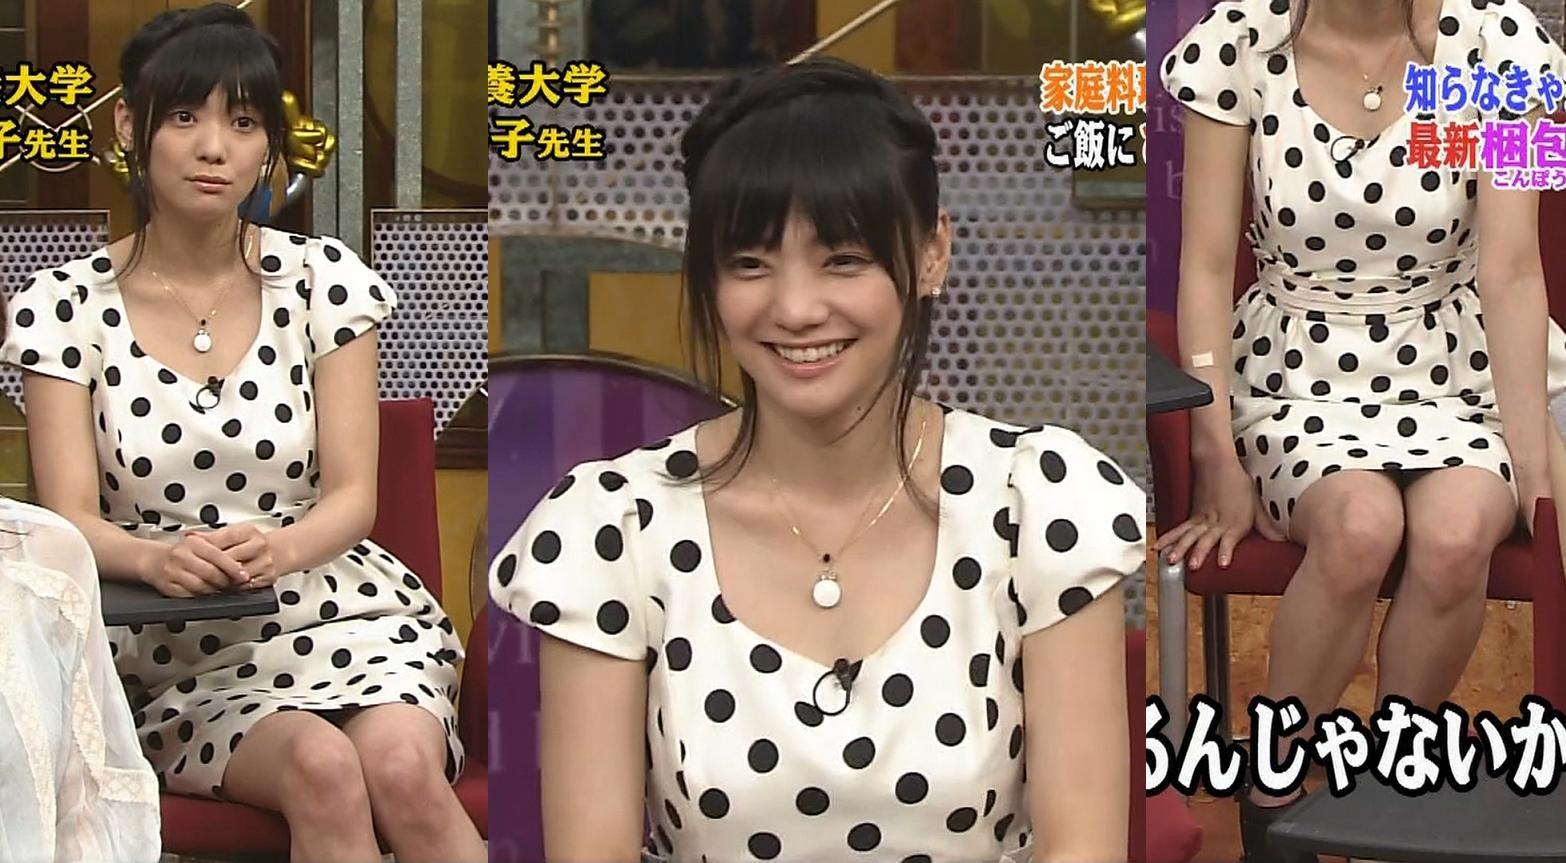 倉科カナ ミニスカパンチラキャプ画像(エロ・アイコラ画像)